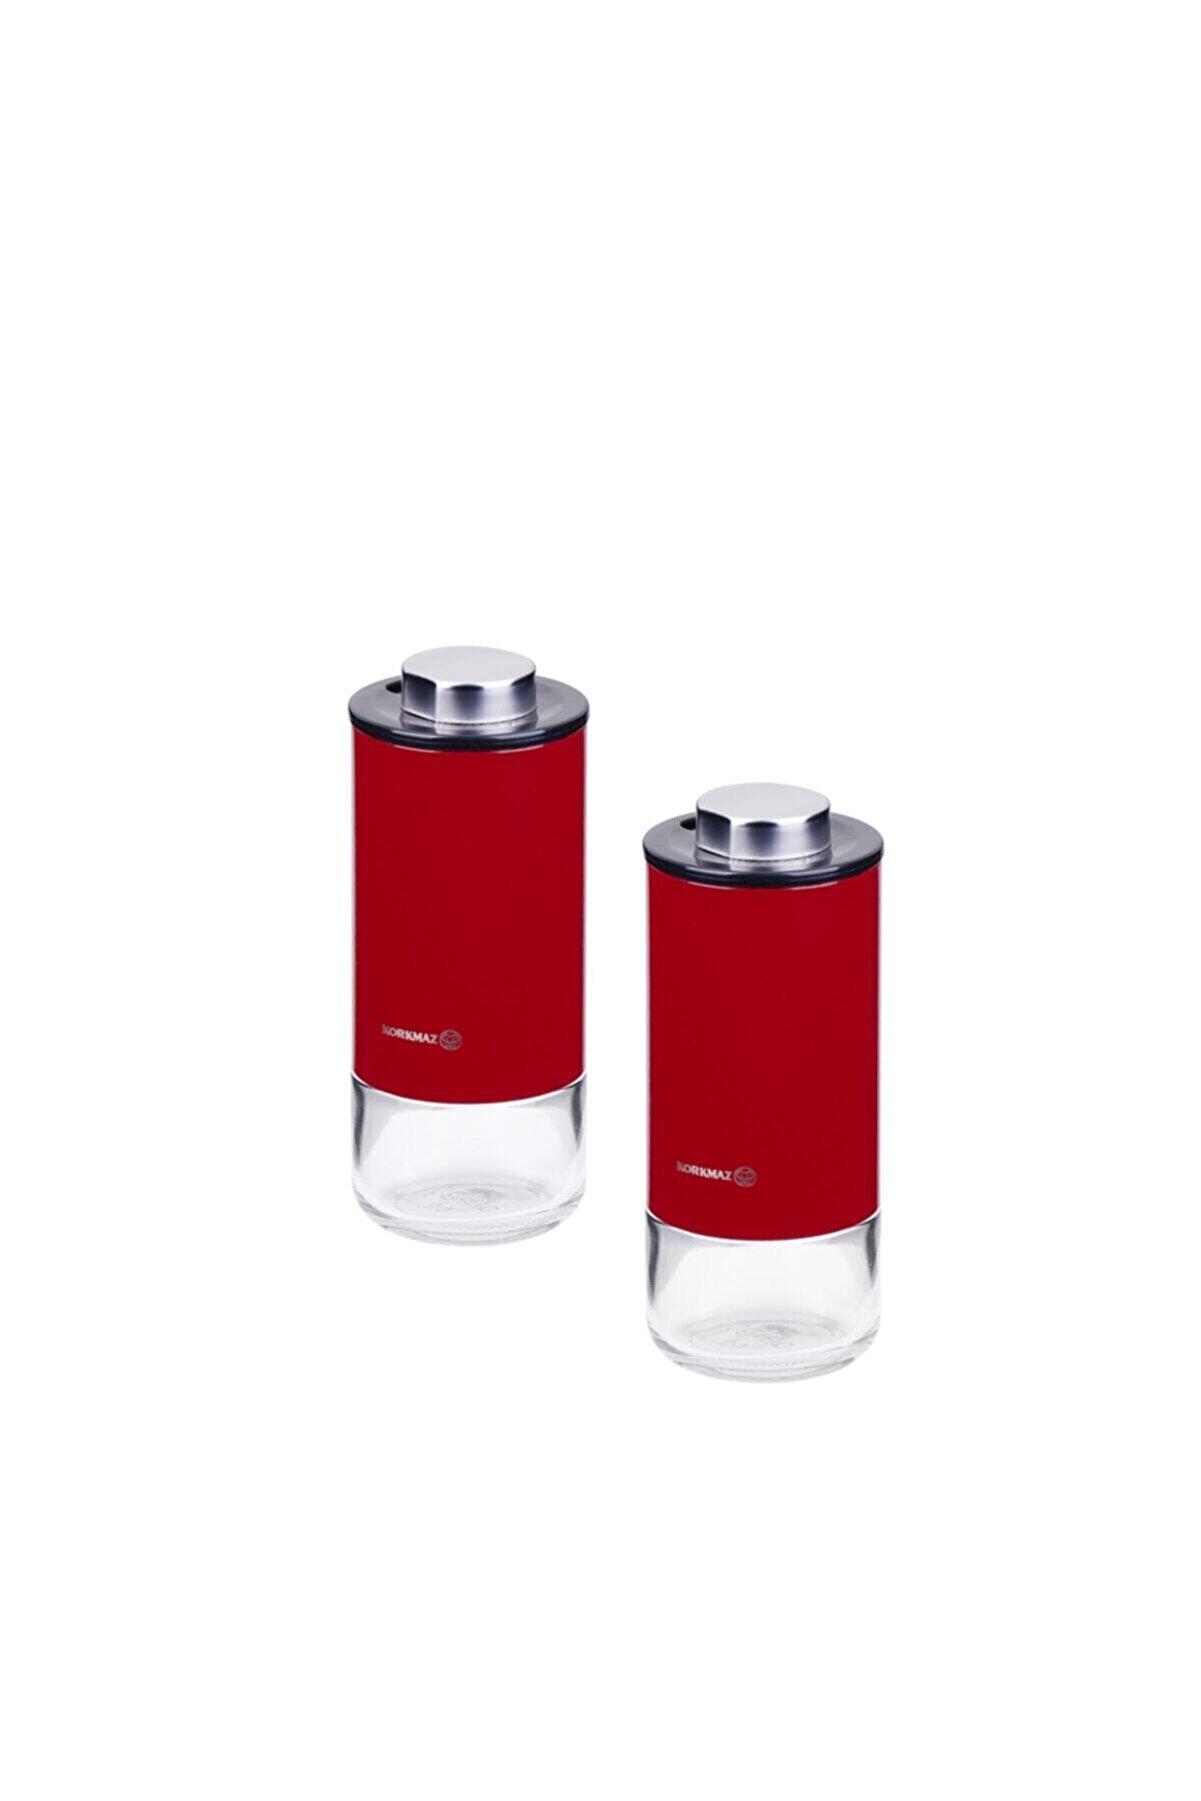 KORKMAZ Stora Plus Kırmızı Tuzluk Biberlik Seti